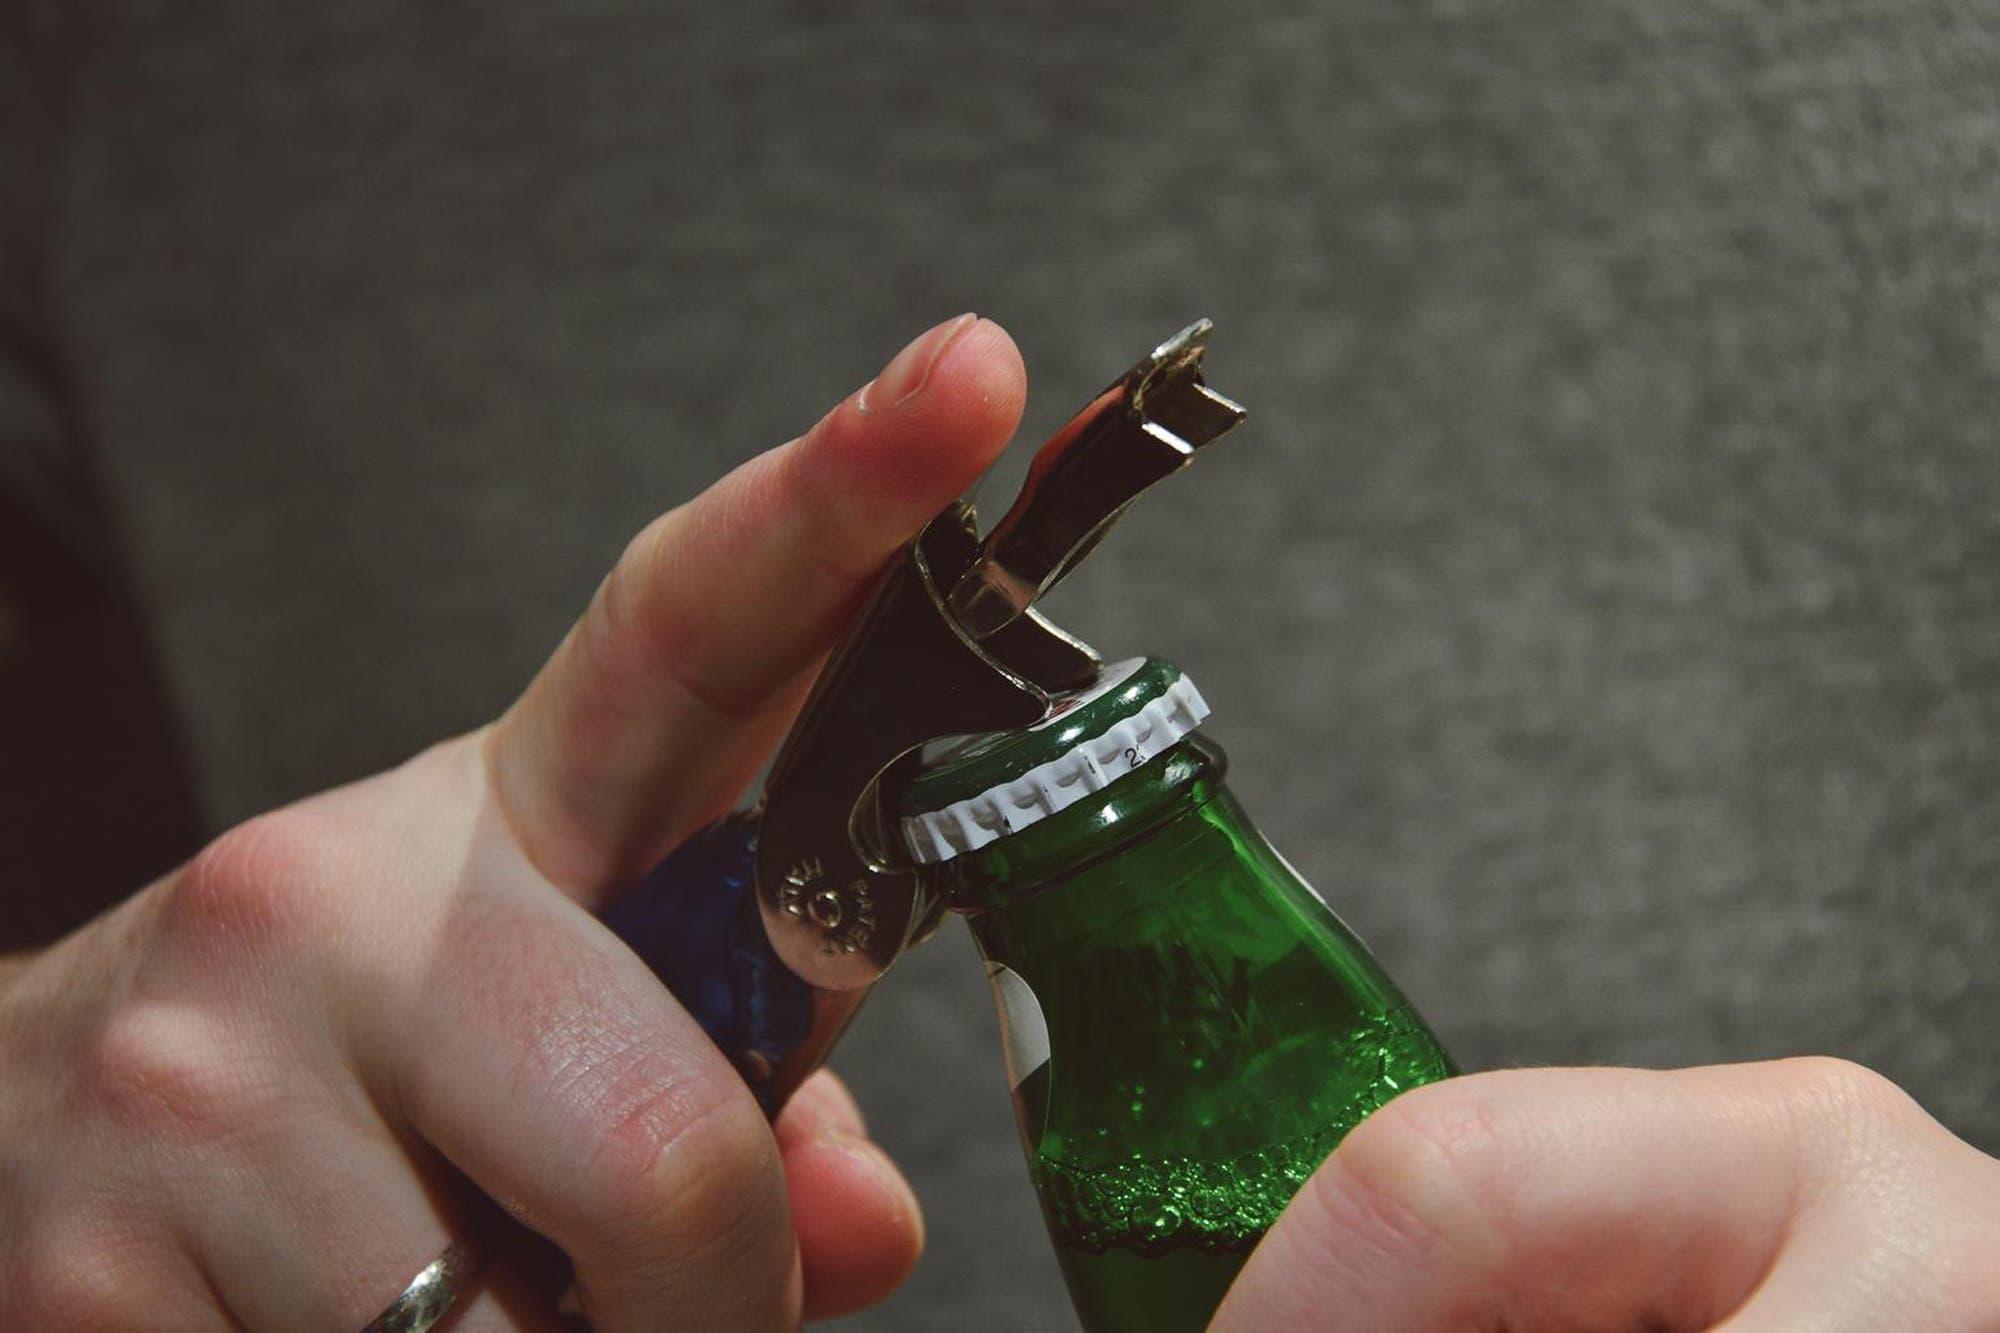 Diputados aprobó la ampliación del horario para la venta de alcohol en la provincia de Buenos Aires